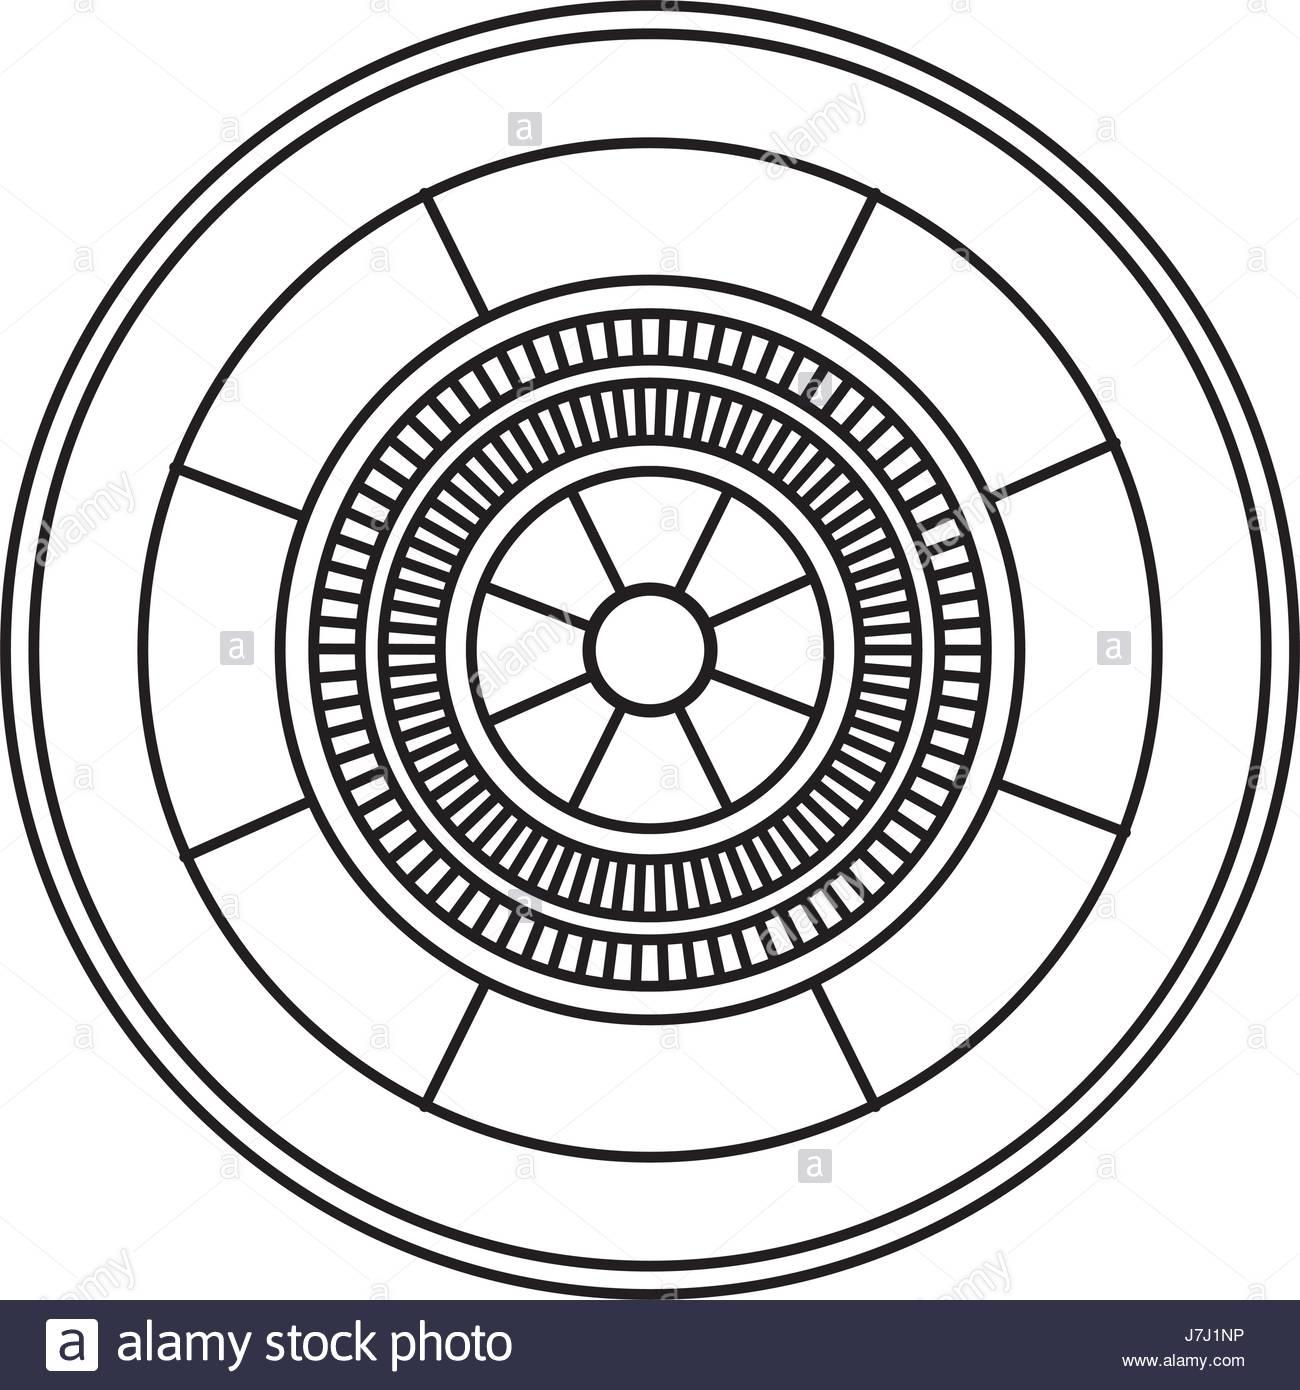 1300x1390 Casino Gambling Roulette Wheel Game Image Outline Stock Vector Art